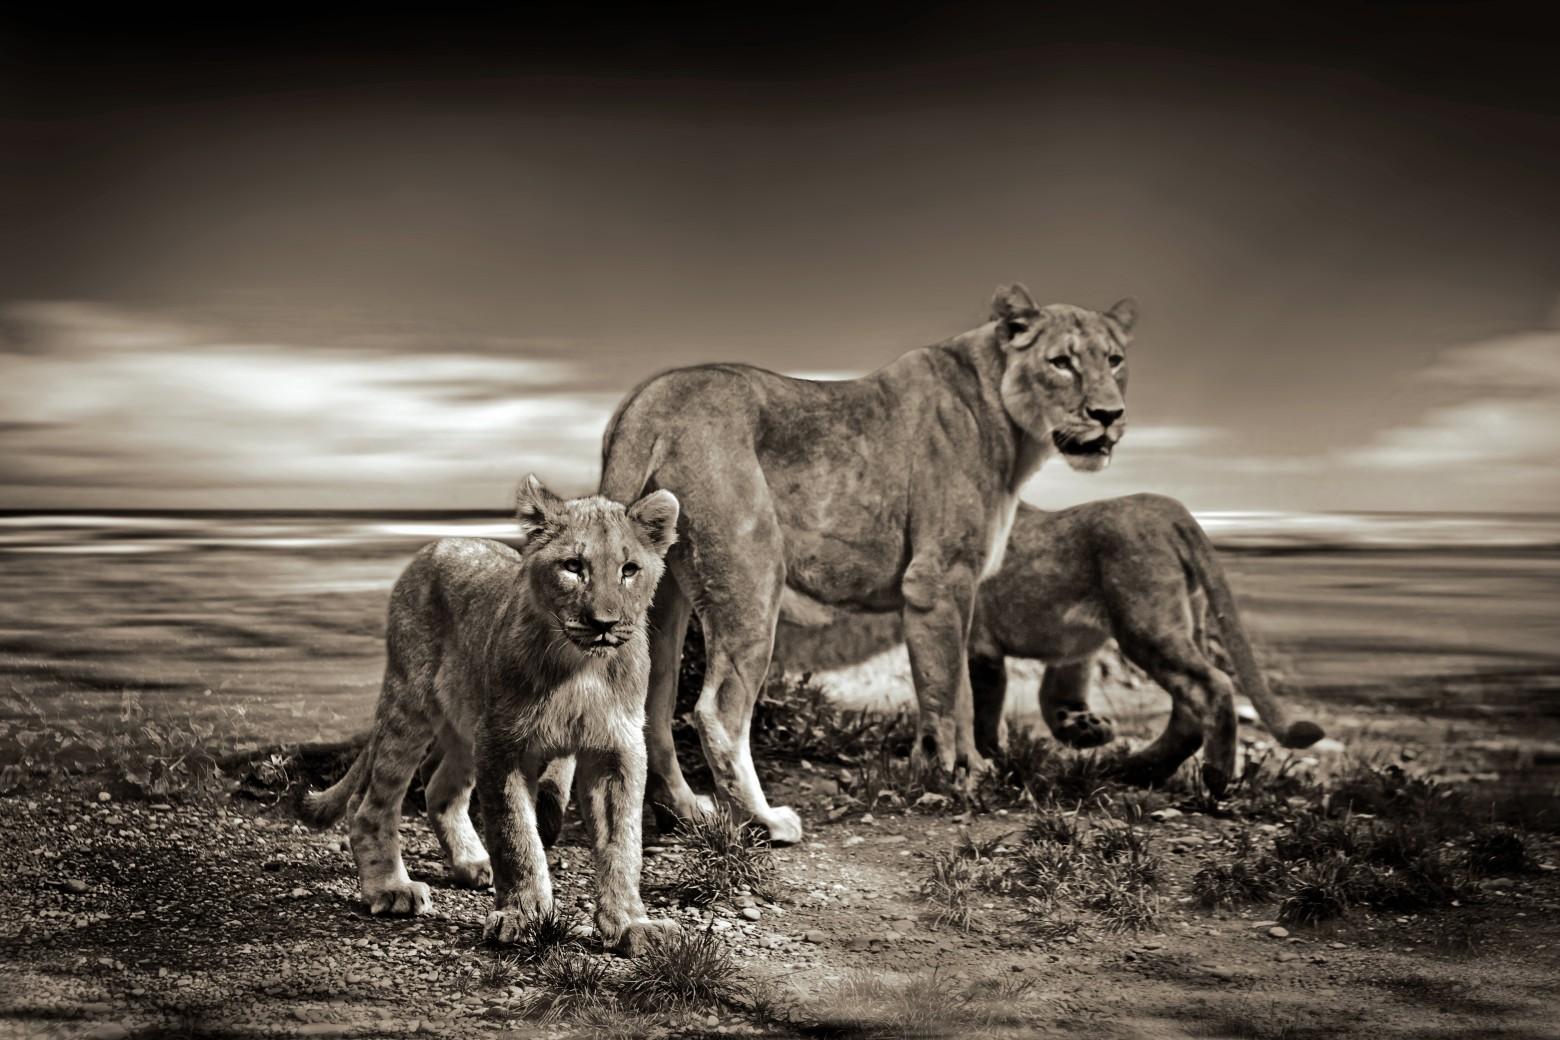 Lion savane afrique photos gratuites images gratuites et - Photos de lions gratuites ...